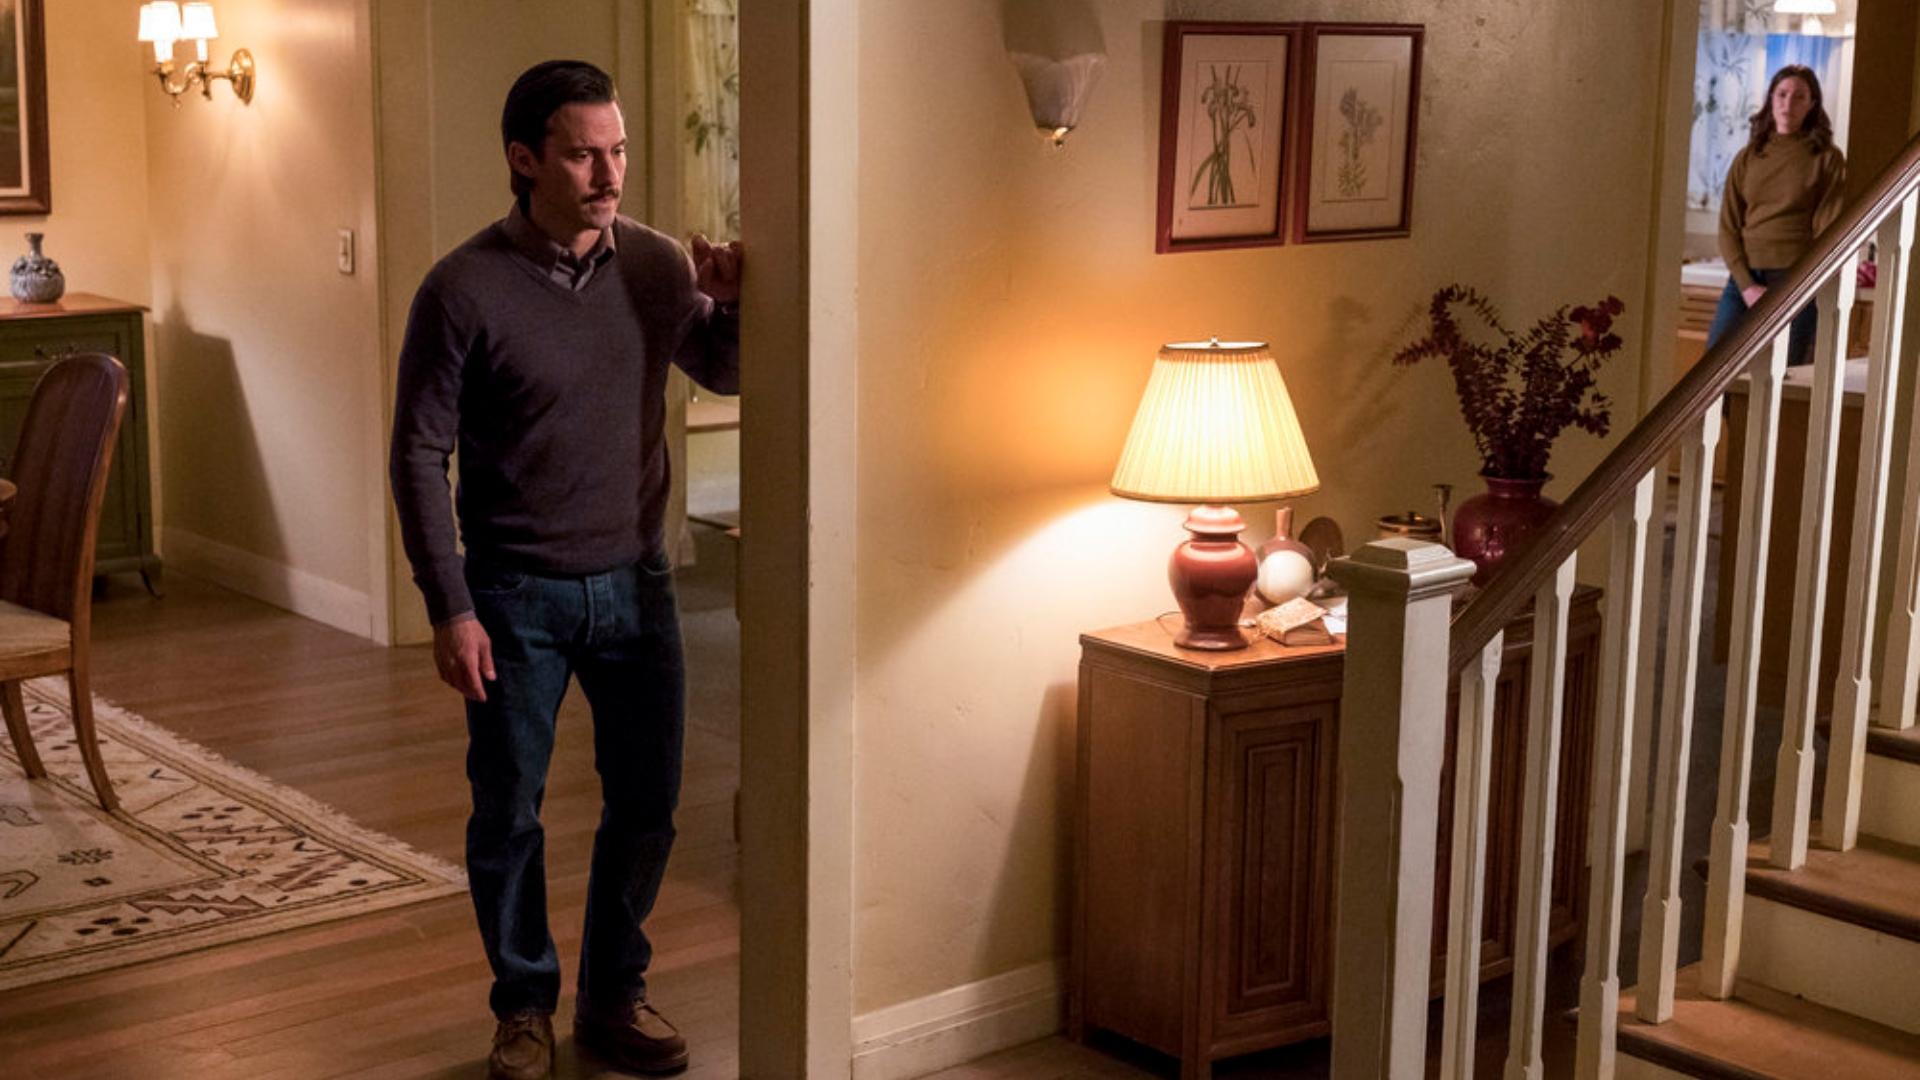 Pictured: (l-r) Milo Ventimiglia as Jack, Mandy Moore as Rebecca.